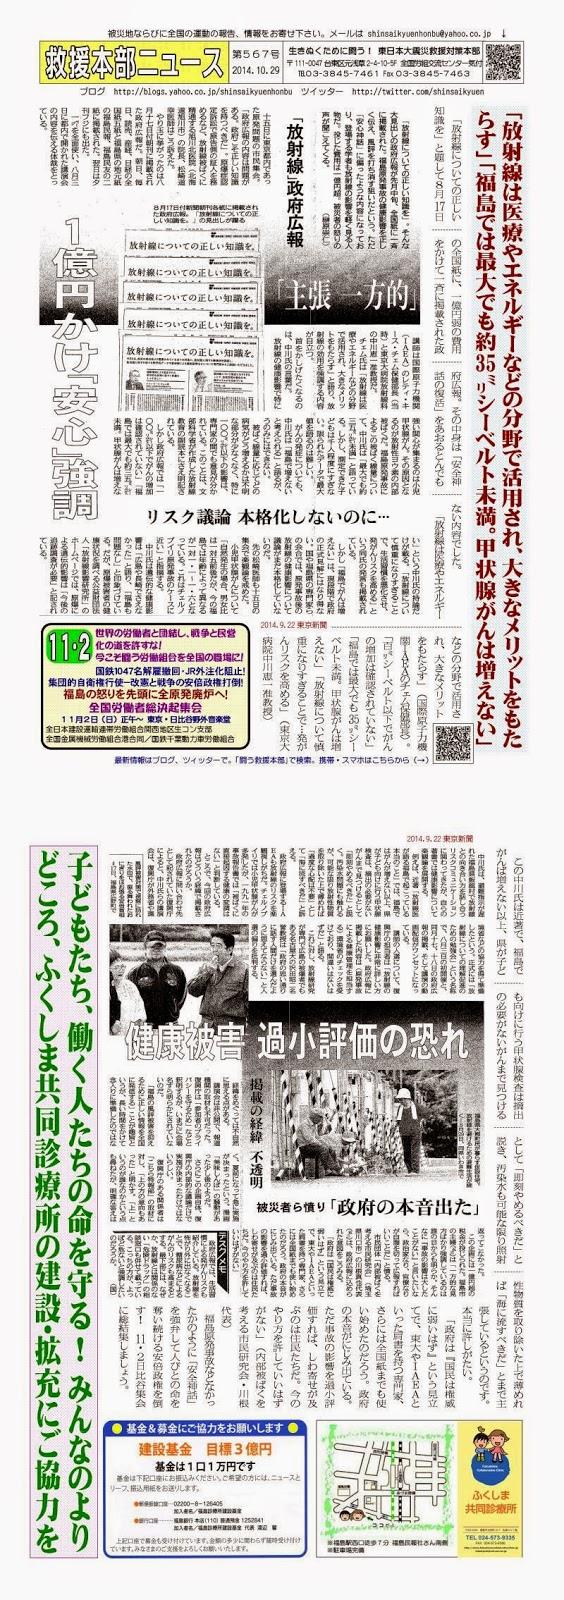 http://blogs.yahoo.co.jp/shinsaikyuenhonbu/12692320.html